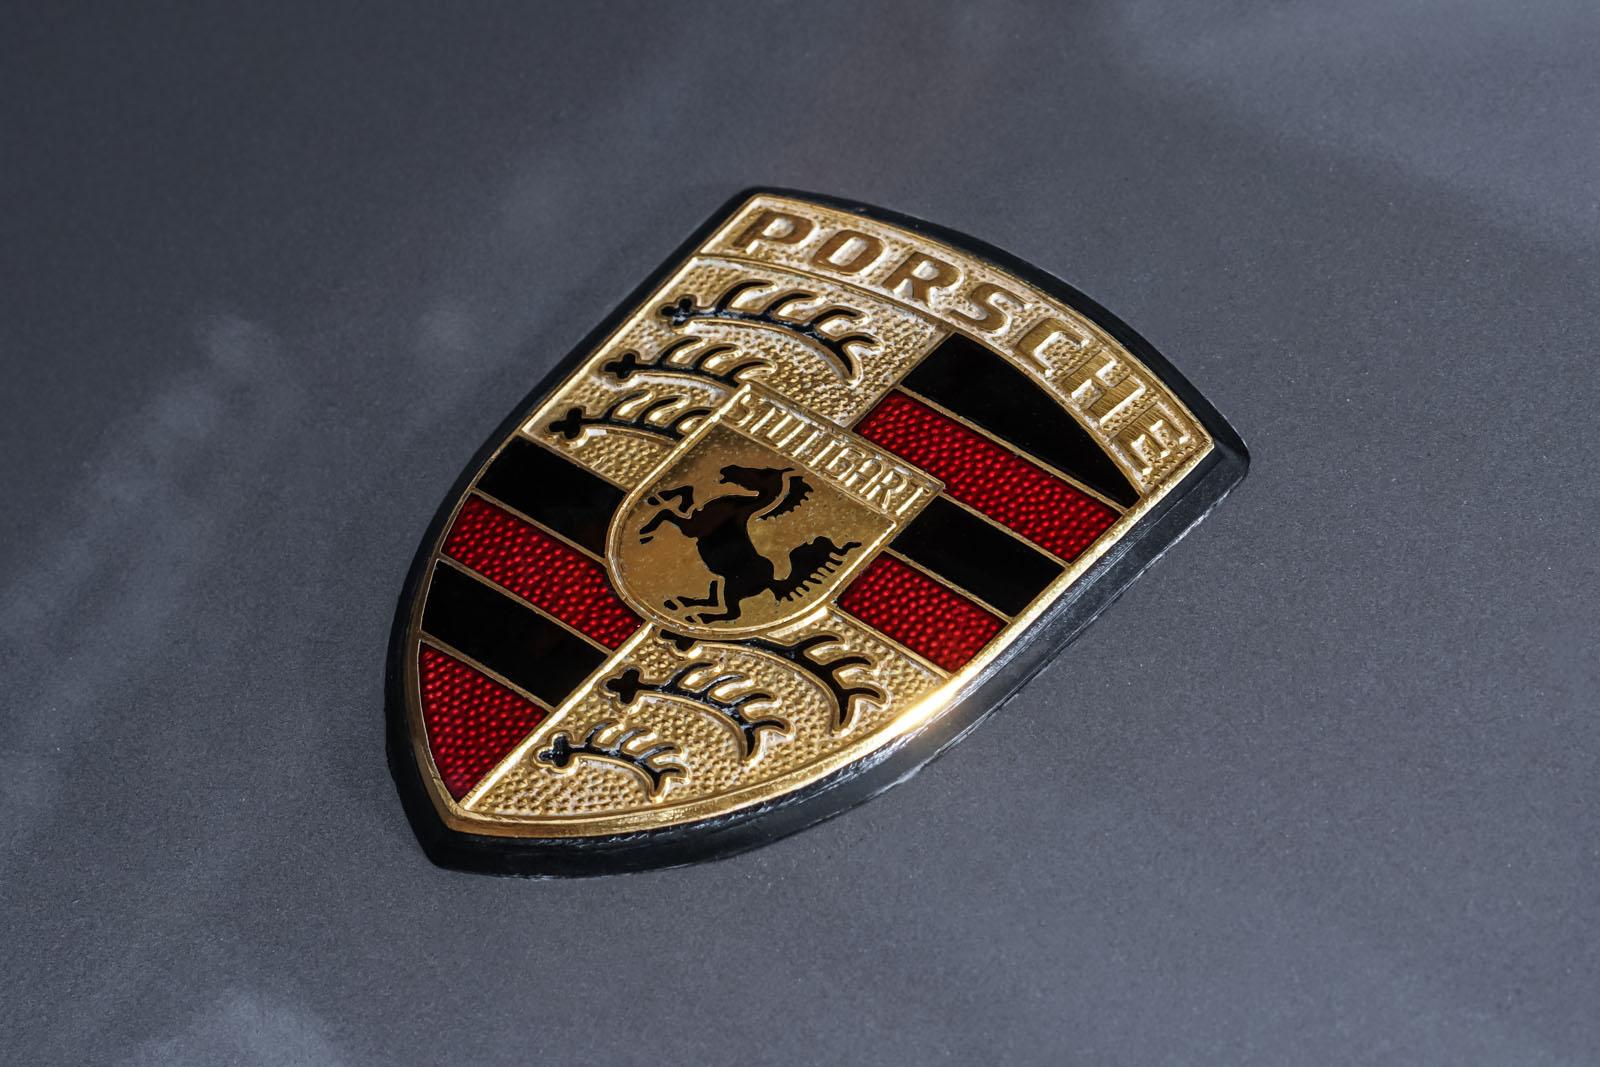 Porsche_928_Grey_Black_POR-0325_11_w